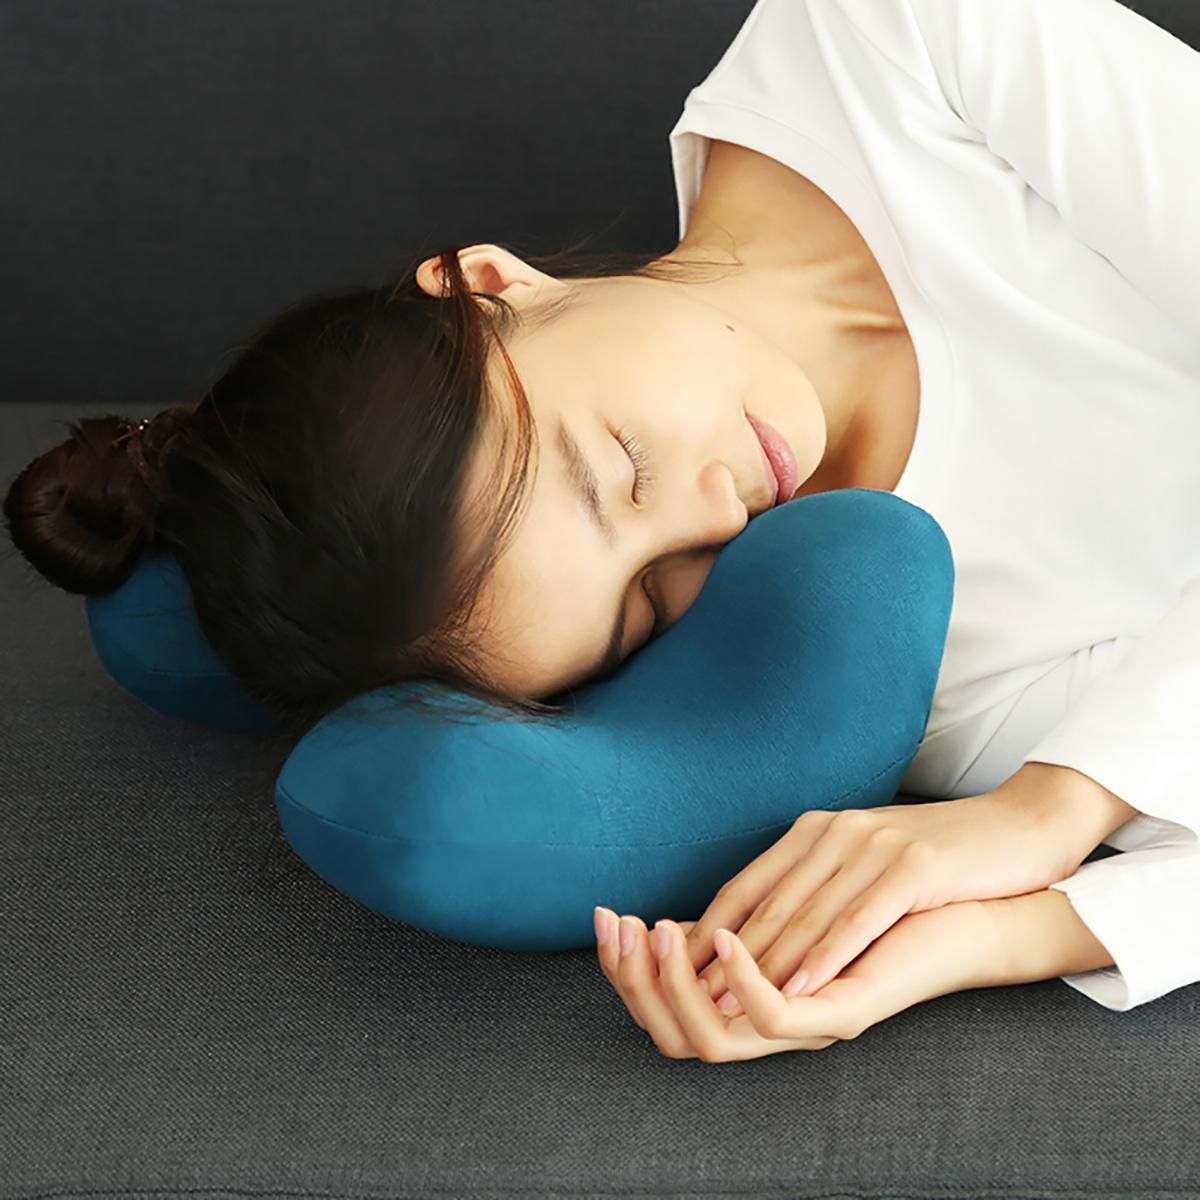 頭が安定する設計で、映画鑑賞もごろ寝も「頭がラク」|ソファピロー